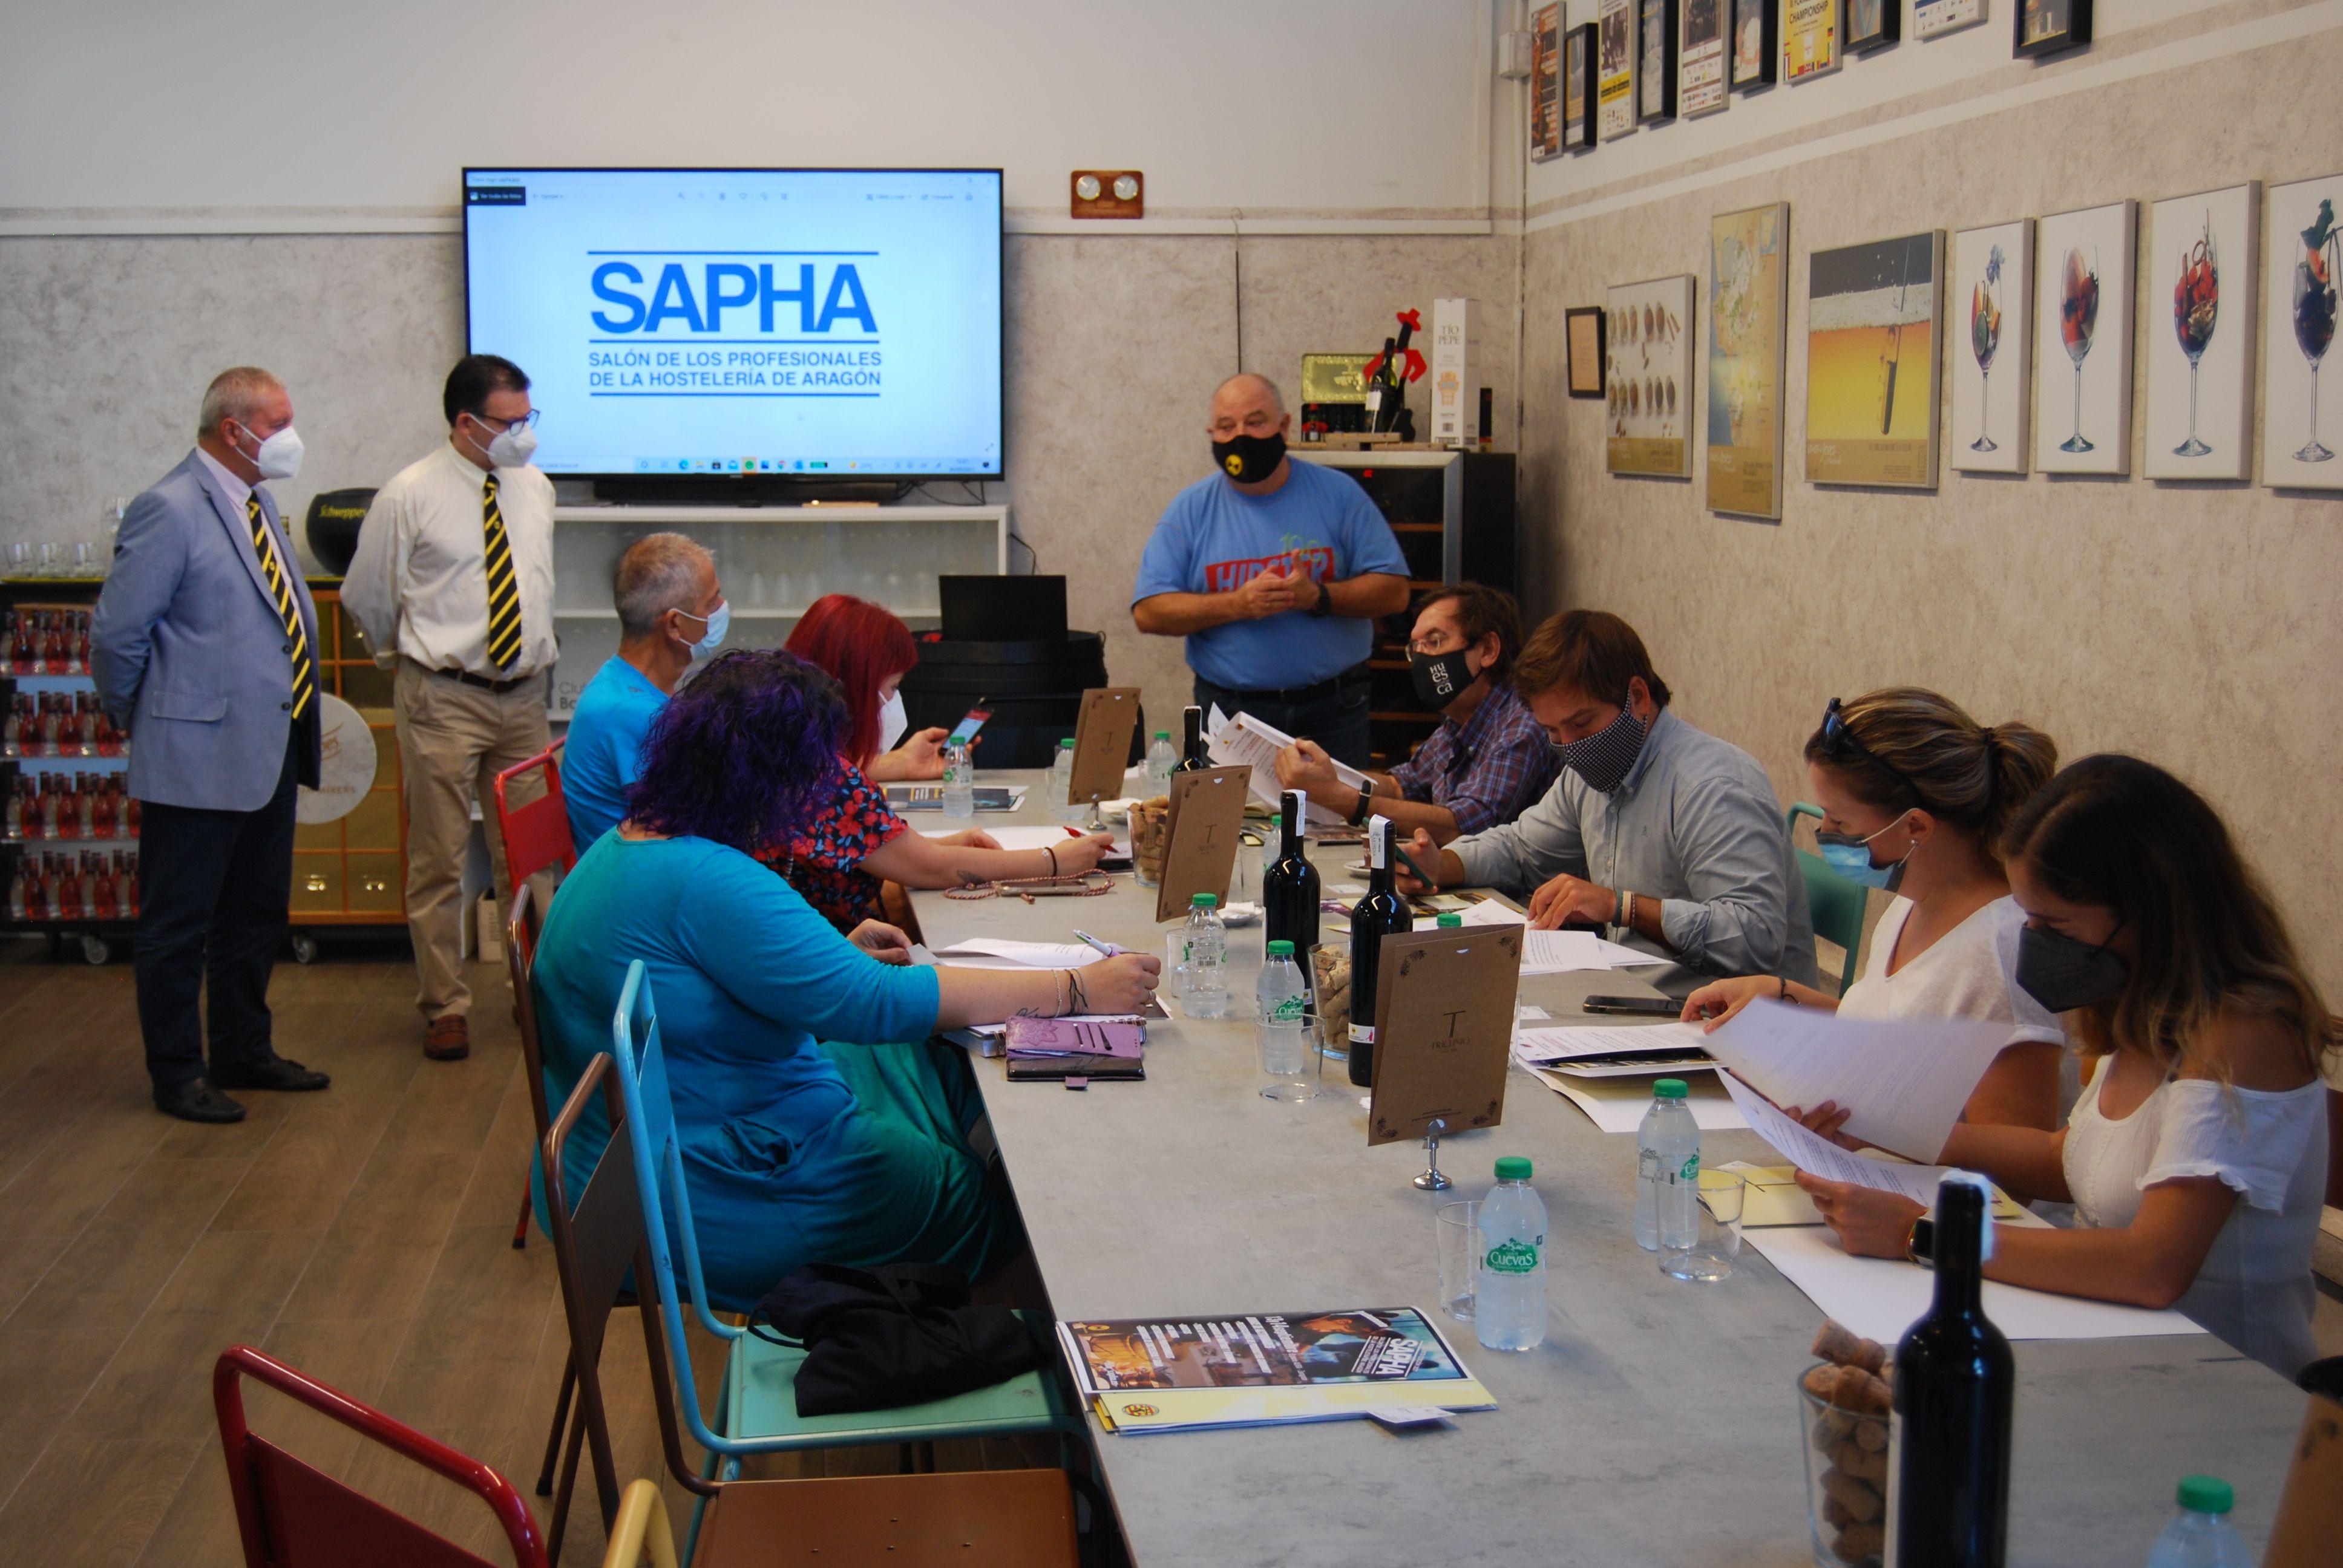 Las asociaciones de Maîtres y Barman de Aragón celebran la V edición del  SAPHA los días 13 y 14 de septiembre